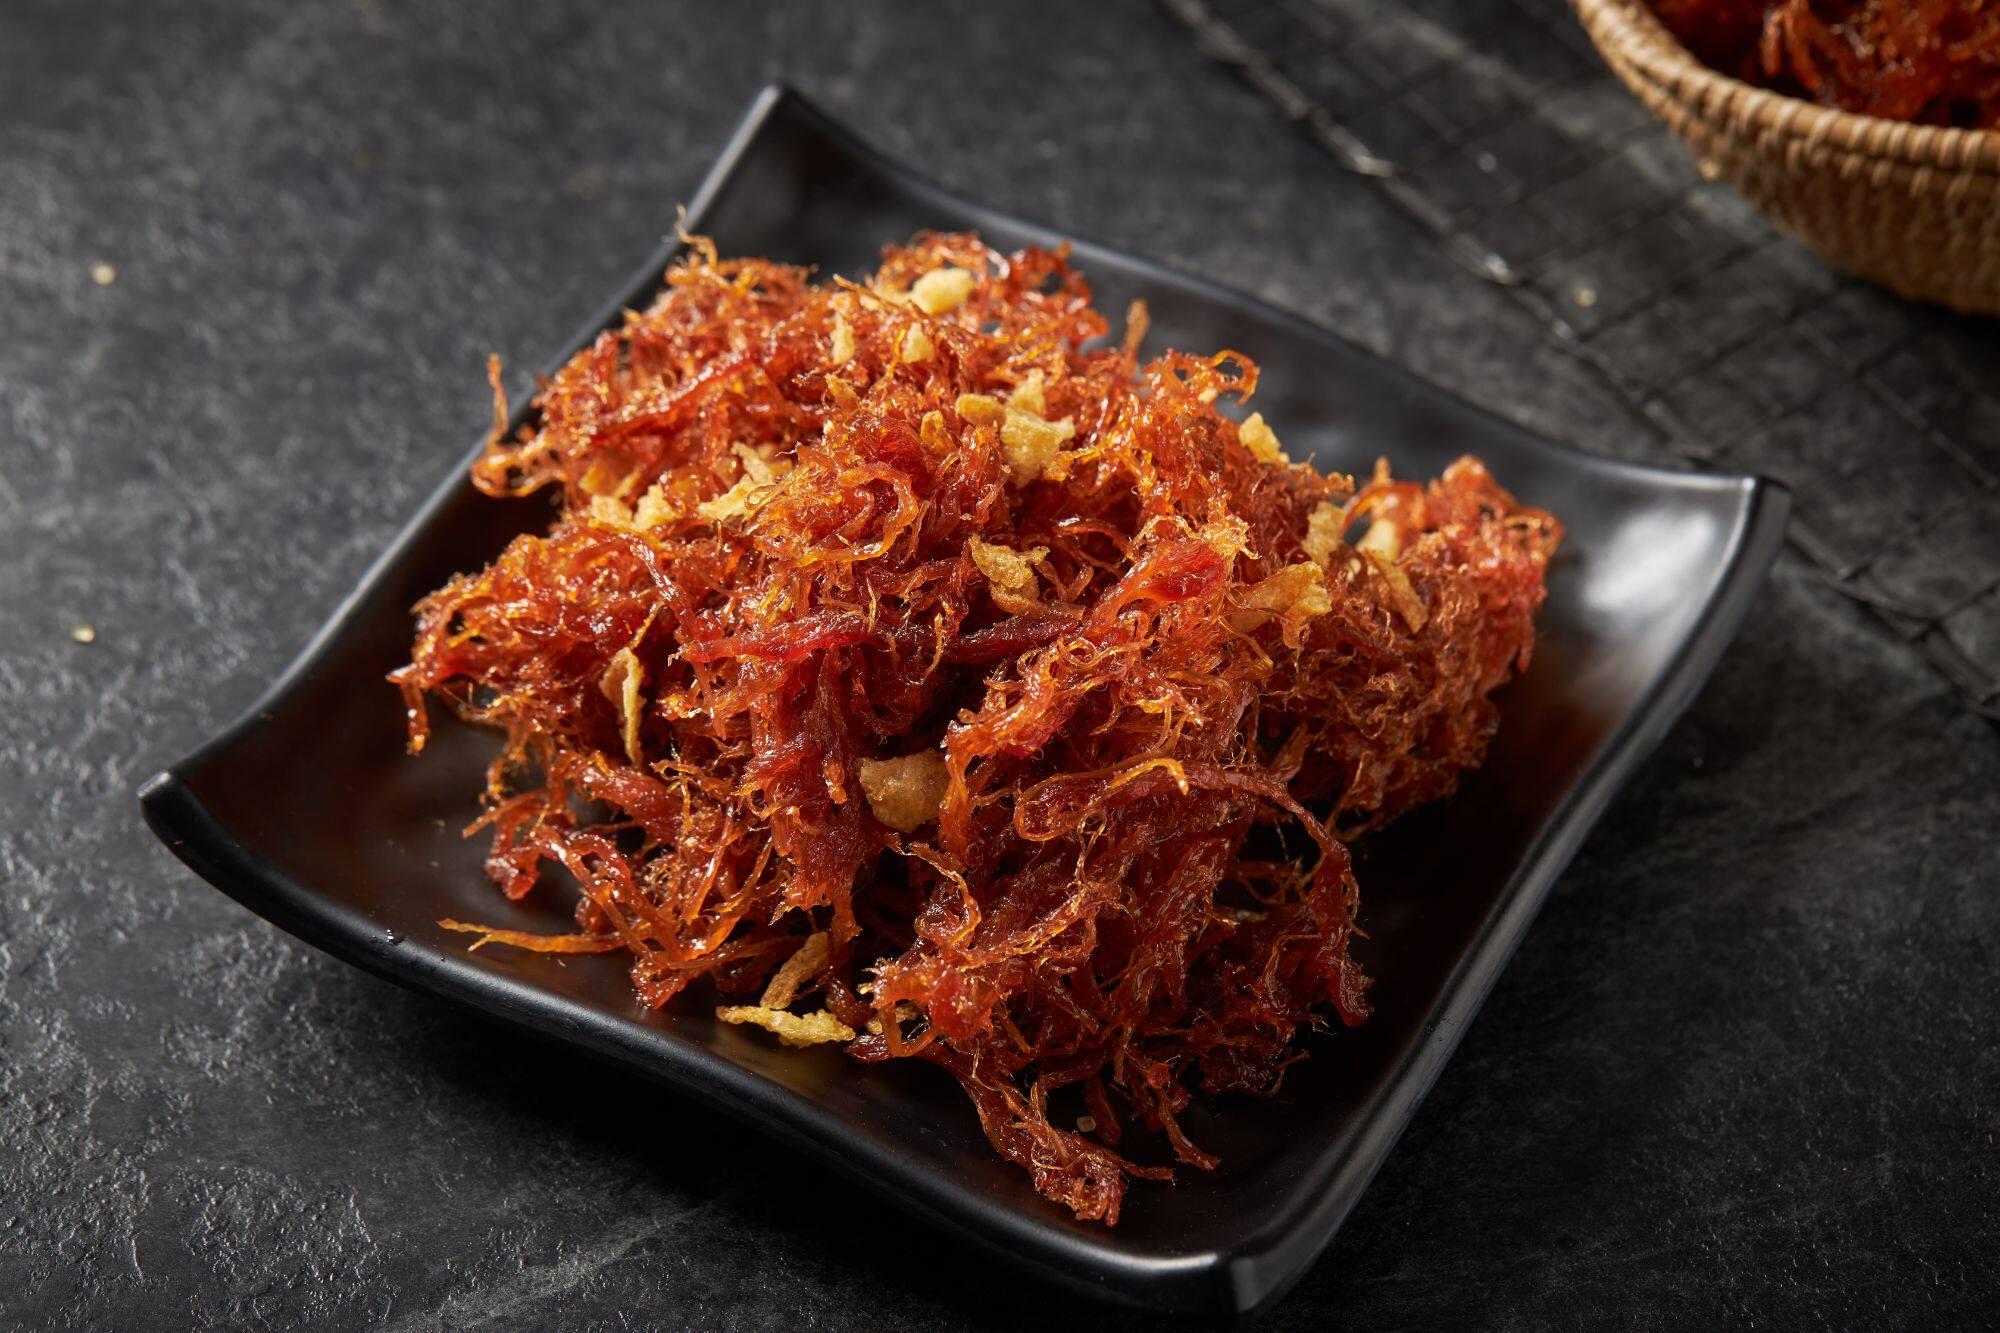 รีวิว เนื้อฝอยฉ่ำ ฮาลาล สูตรโบราณ หอมหวาน ร้านคุณแอ๊ด มุสลิม น้ำหนัก 300 กรัม ราคา 280 บาท